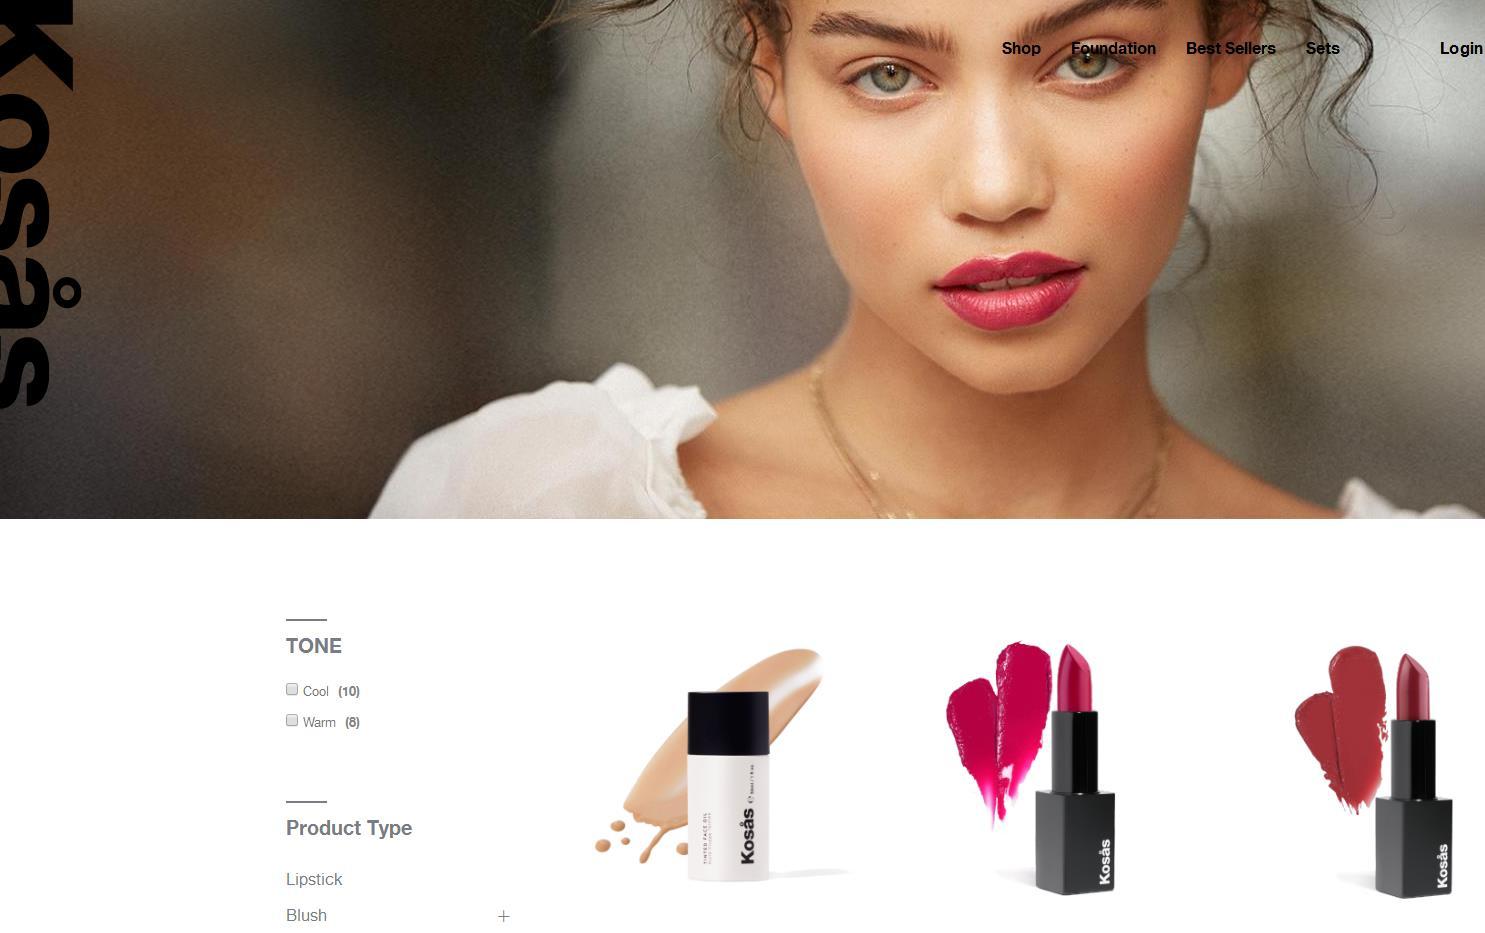 美国天然彩妆公司 Kosås 完成新一轮融资,2018年销售额预计同比增长300%